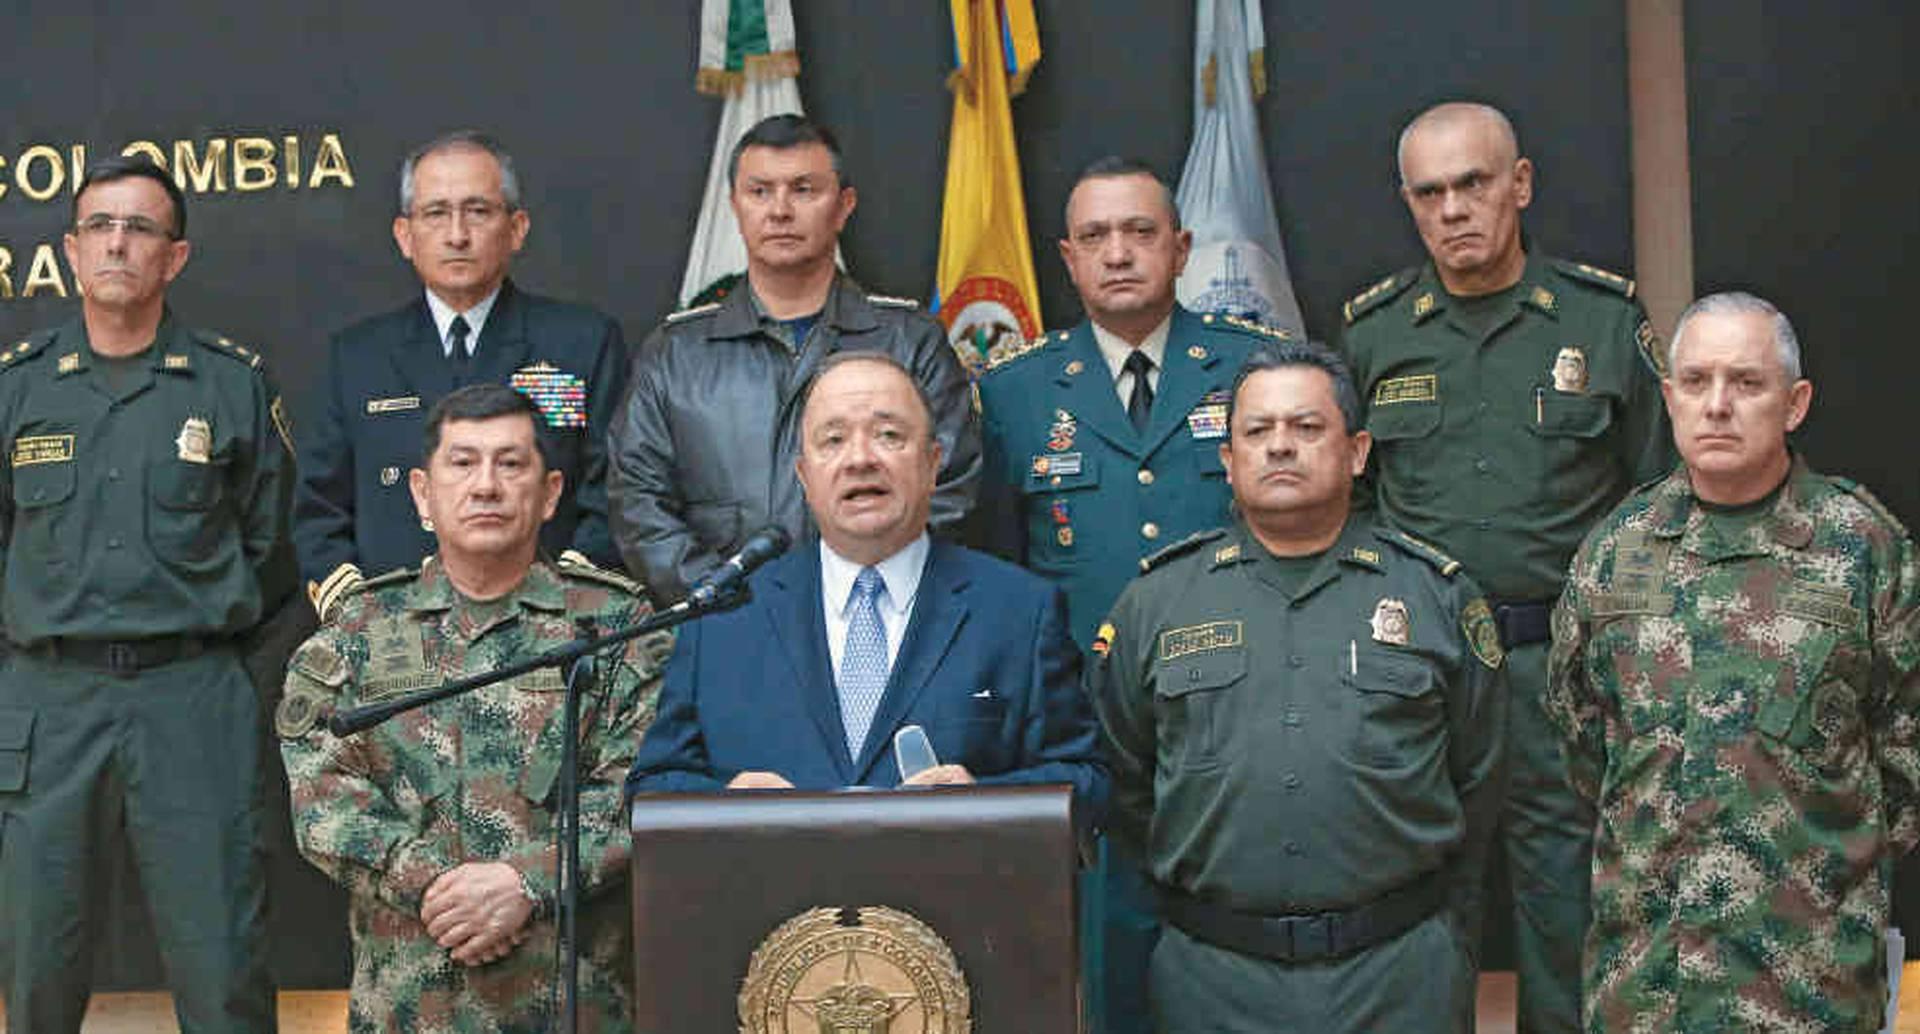 El ministro de Defensa, Luis Carlos Villegas, con la cúpula de las Fuerzas Militares y de Policía, responsables de Agamenón II y otras operaciones que han terminado con cerca de medio centenar de capos.